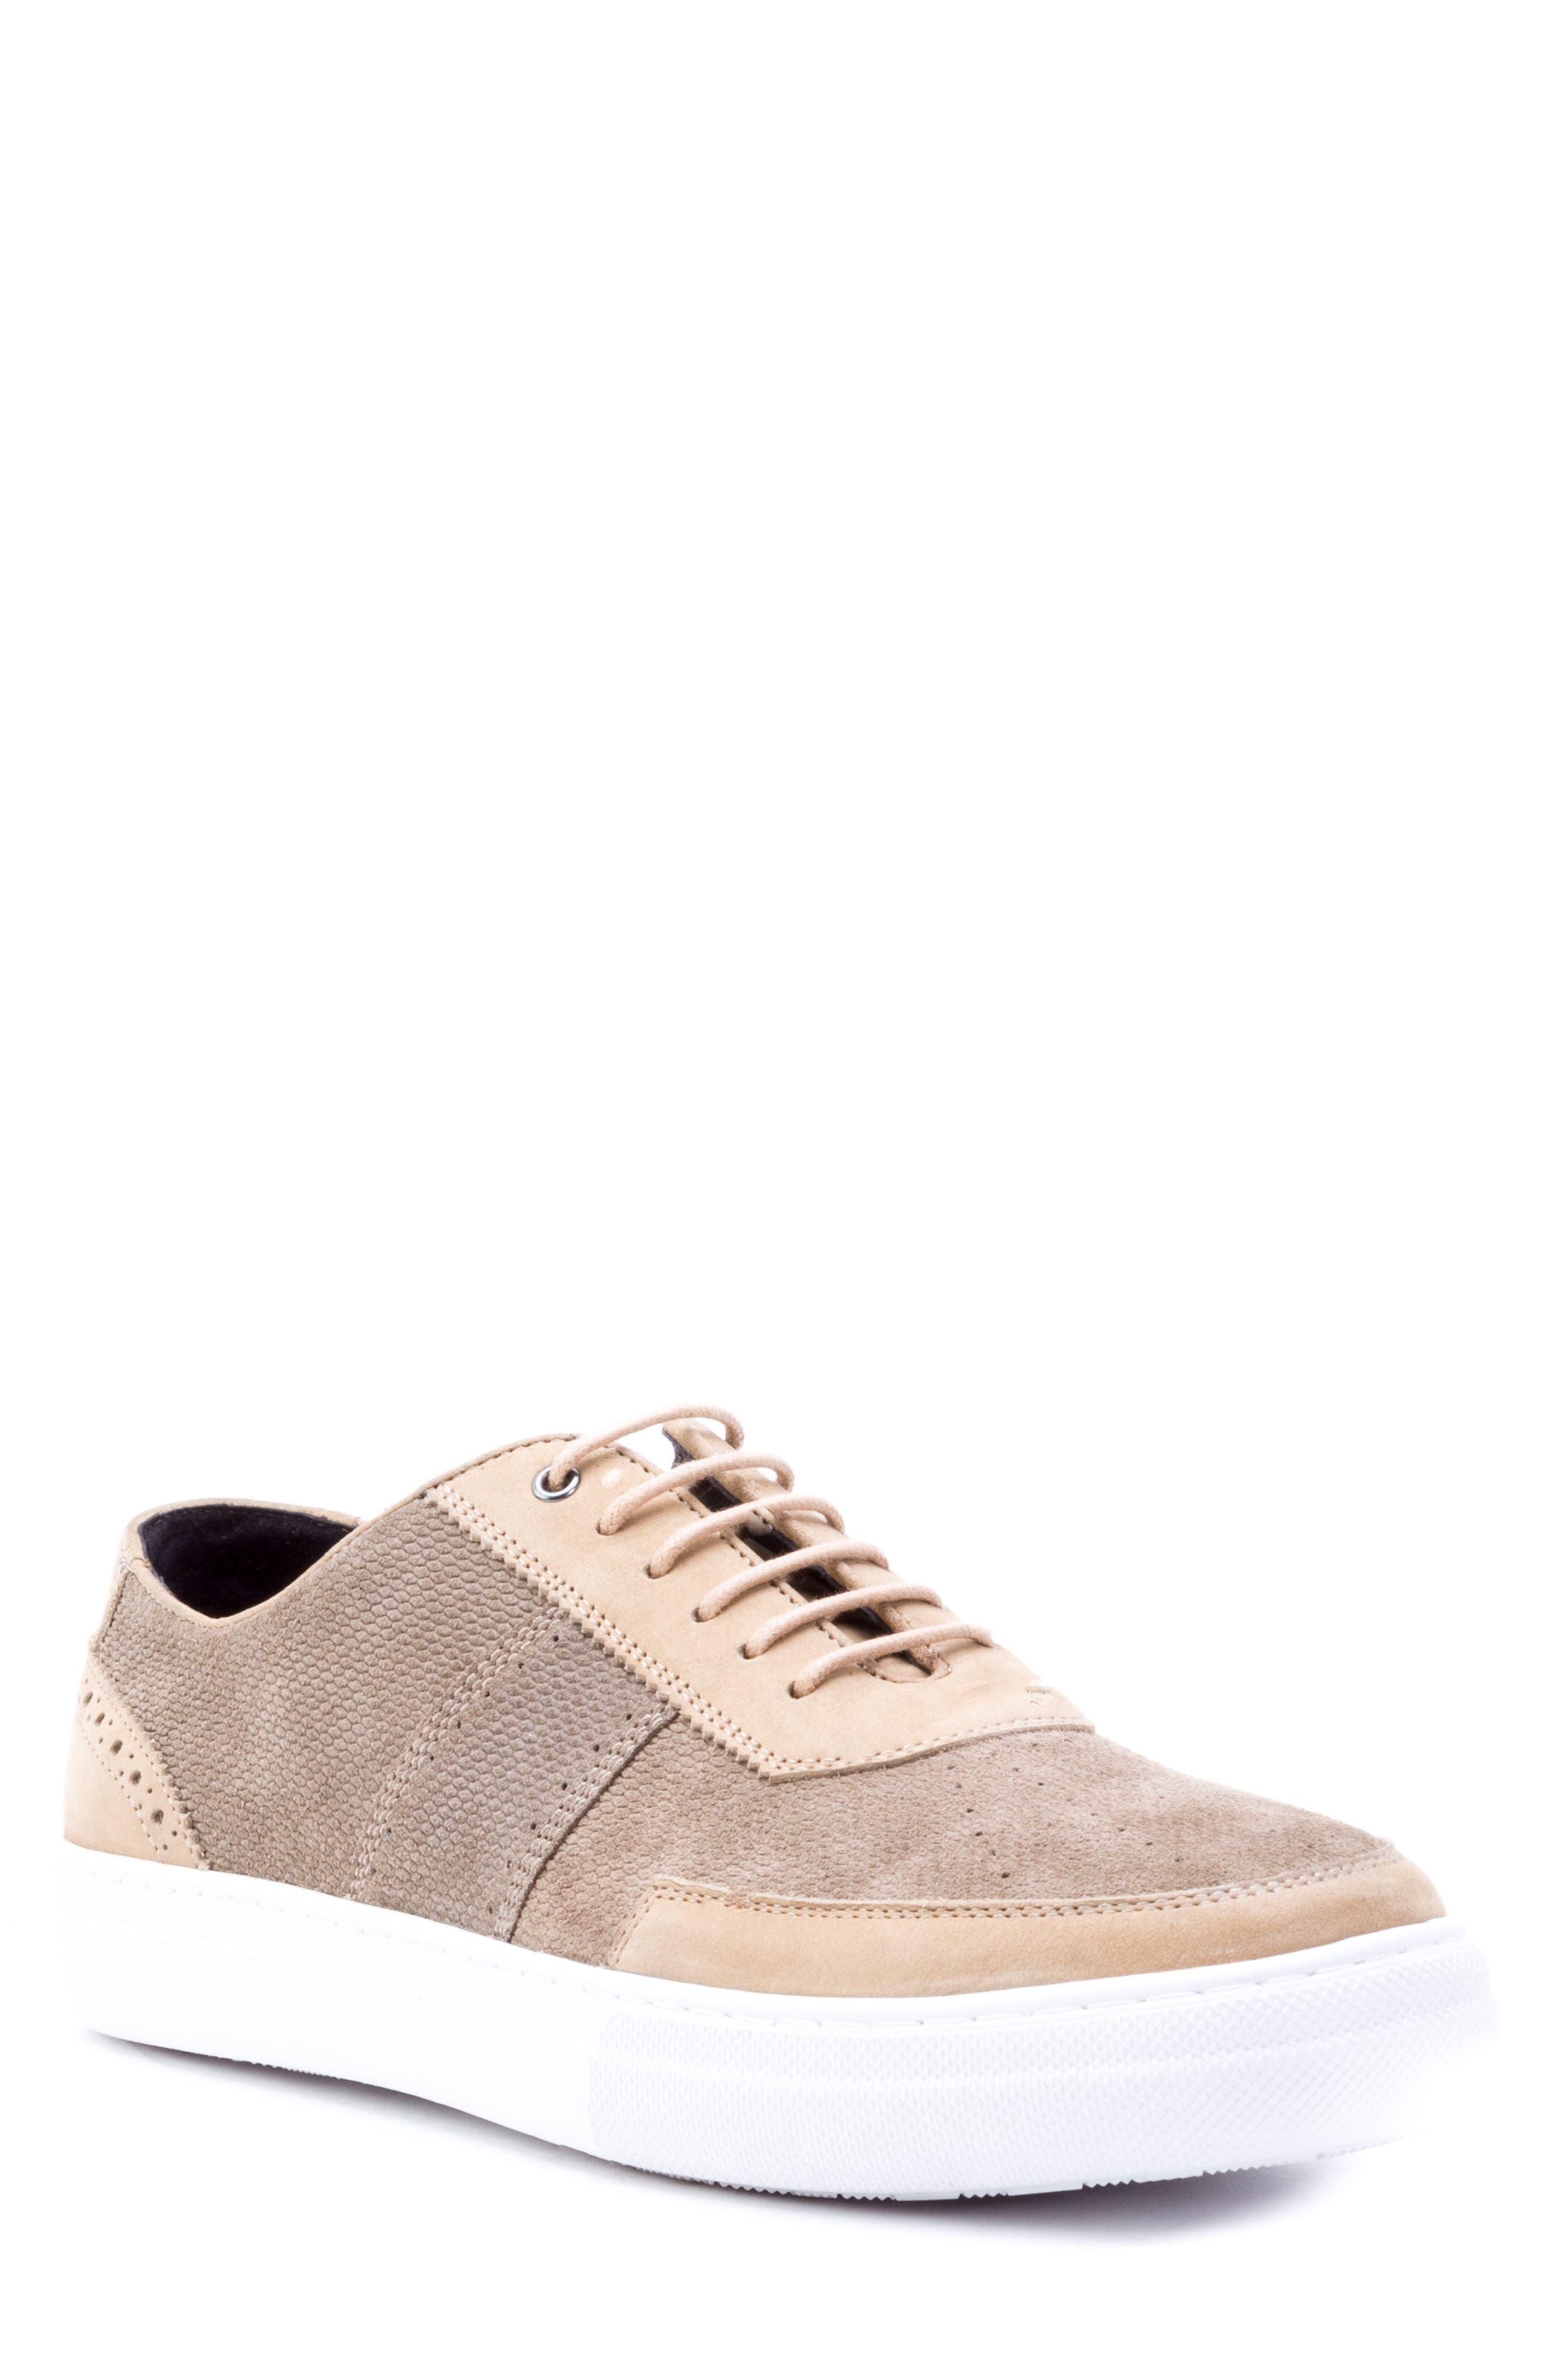 Zanzara House Low Top Sneaker- Beige